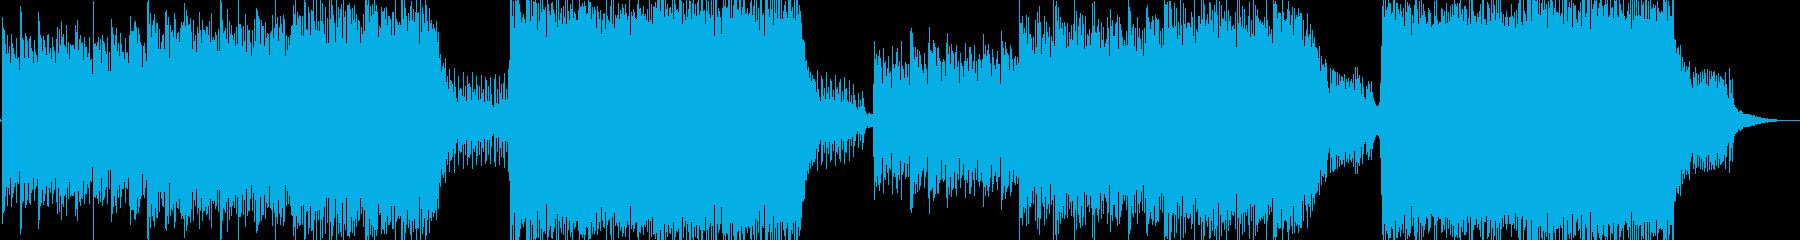 感動的なピアノ CM/企業VP等の再生済みの波形